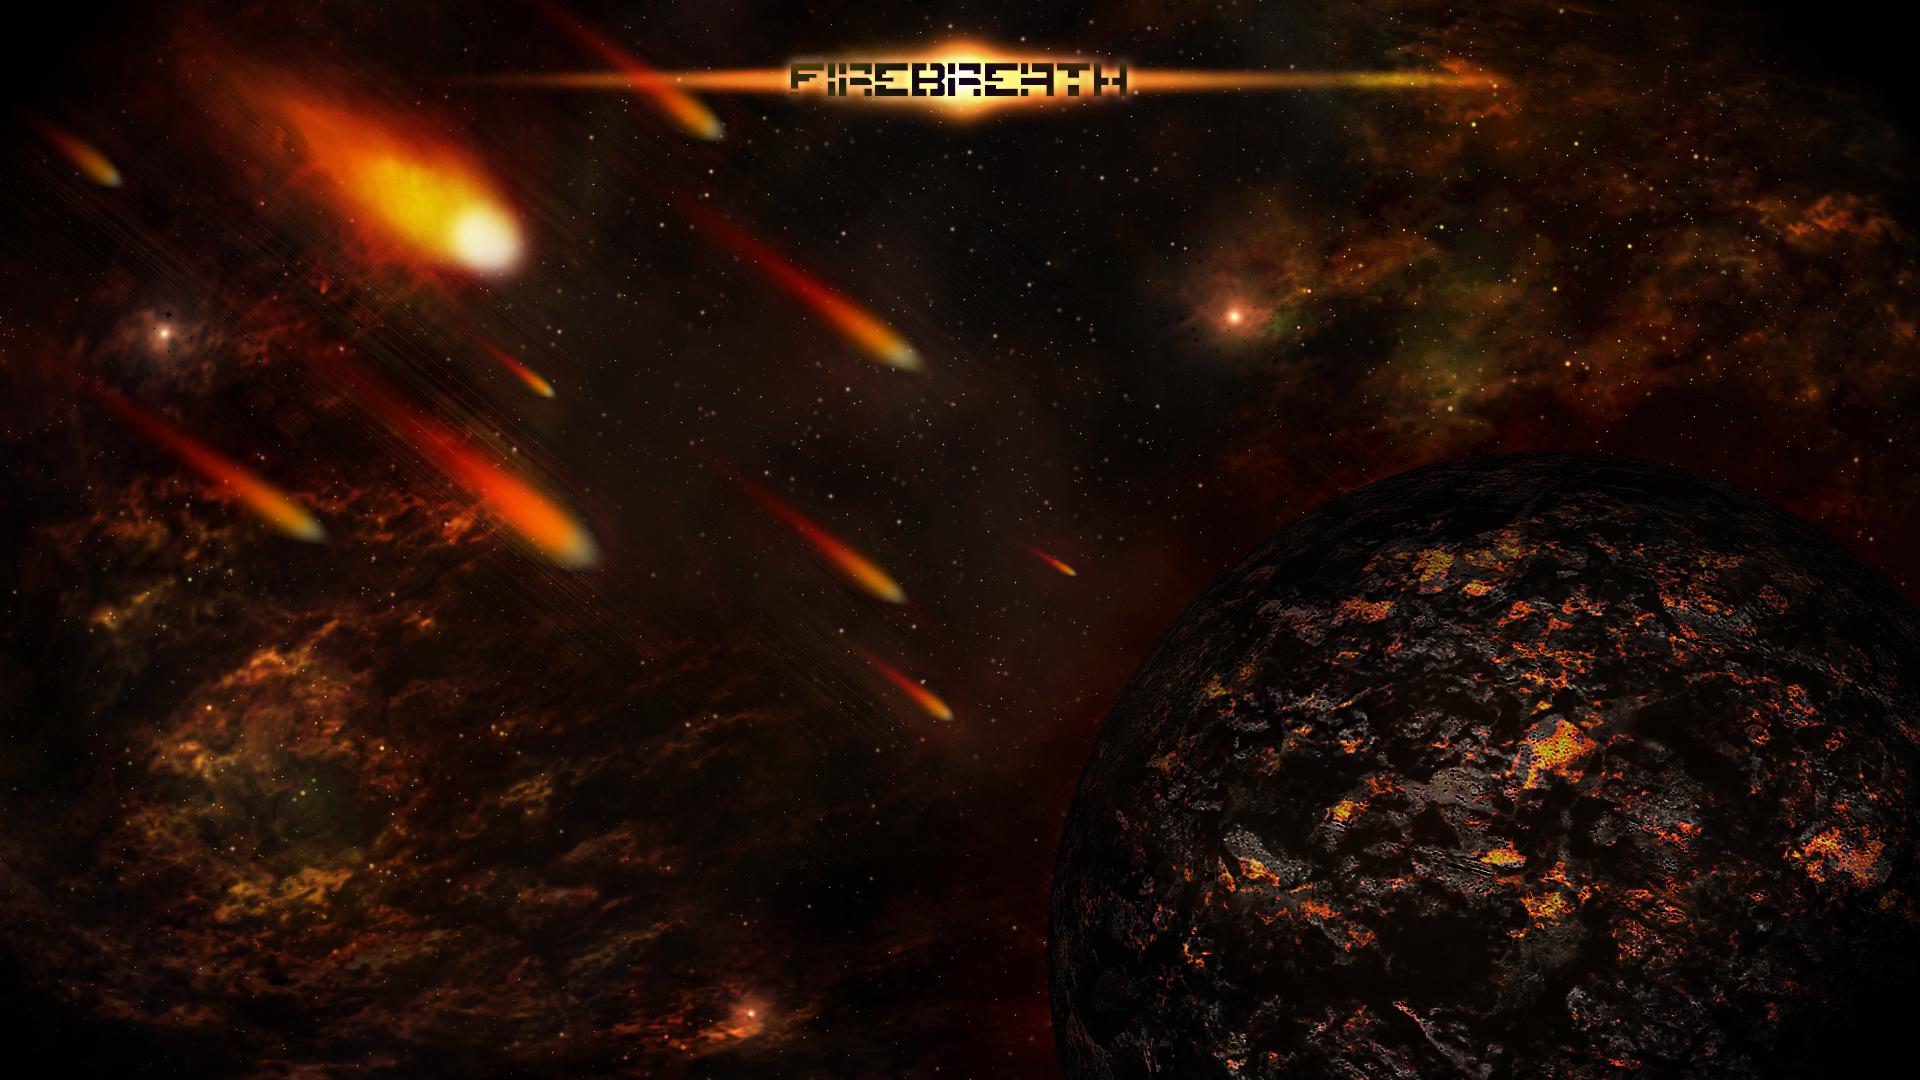 Firebreath v.1 by FeindBlut